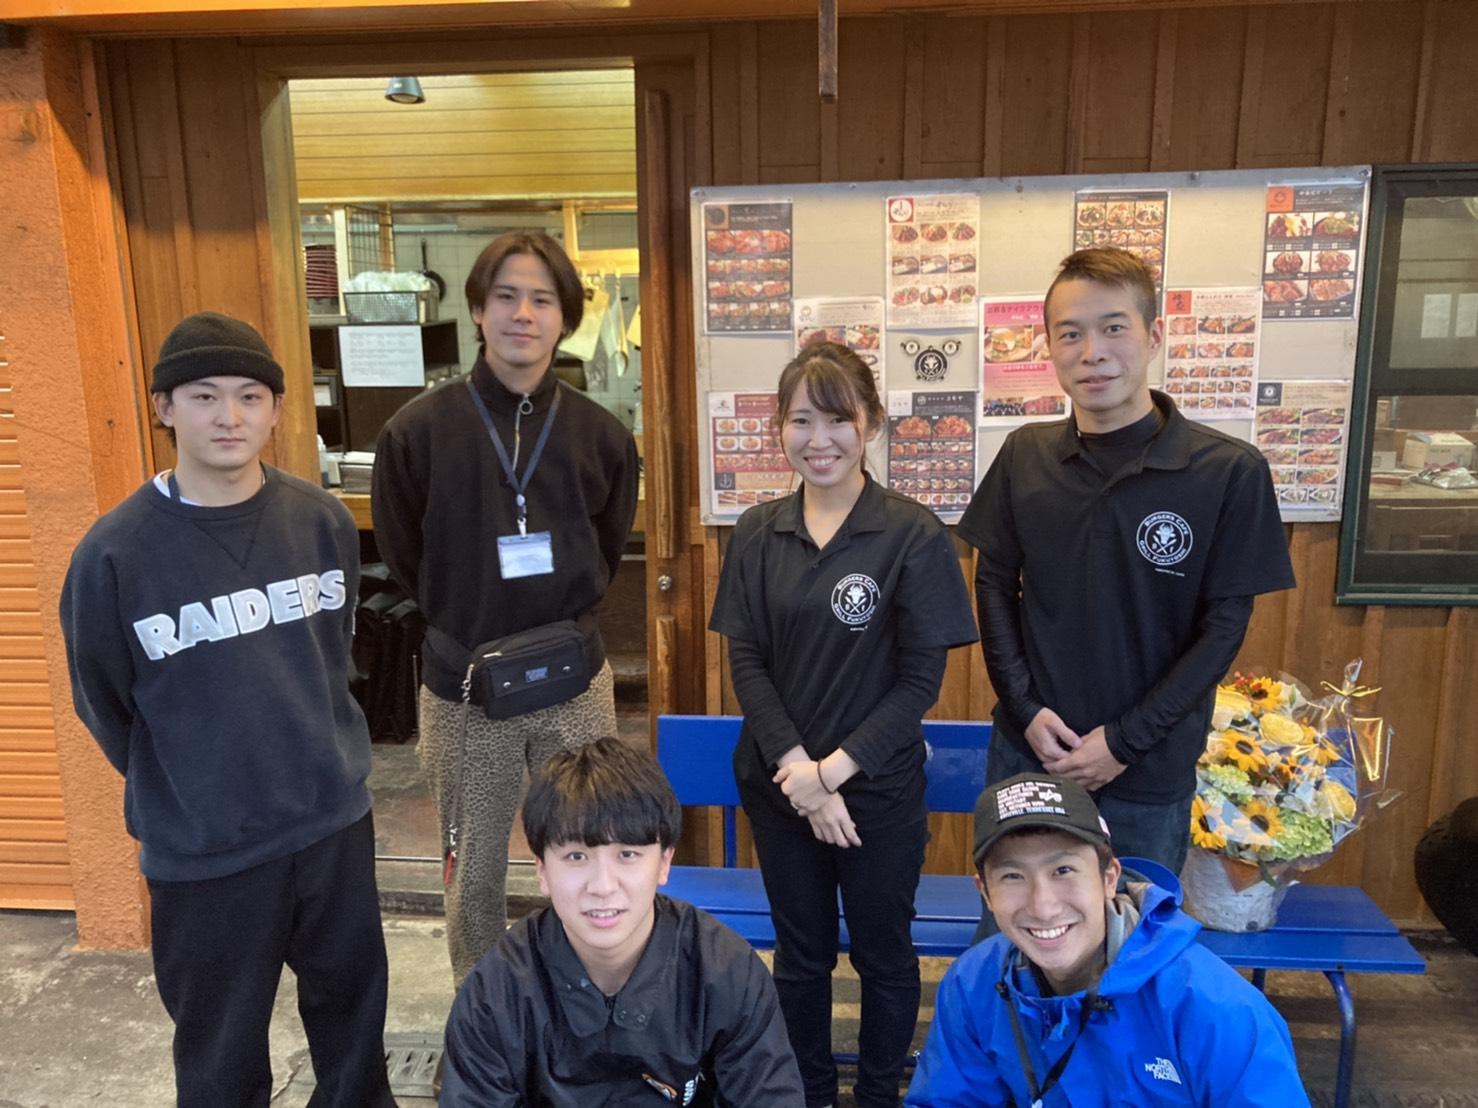 【新店舗】TGALデリバリー堺北店が10月21日にオープン致しました。